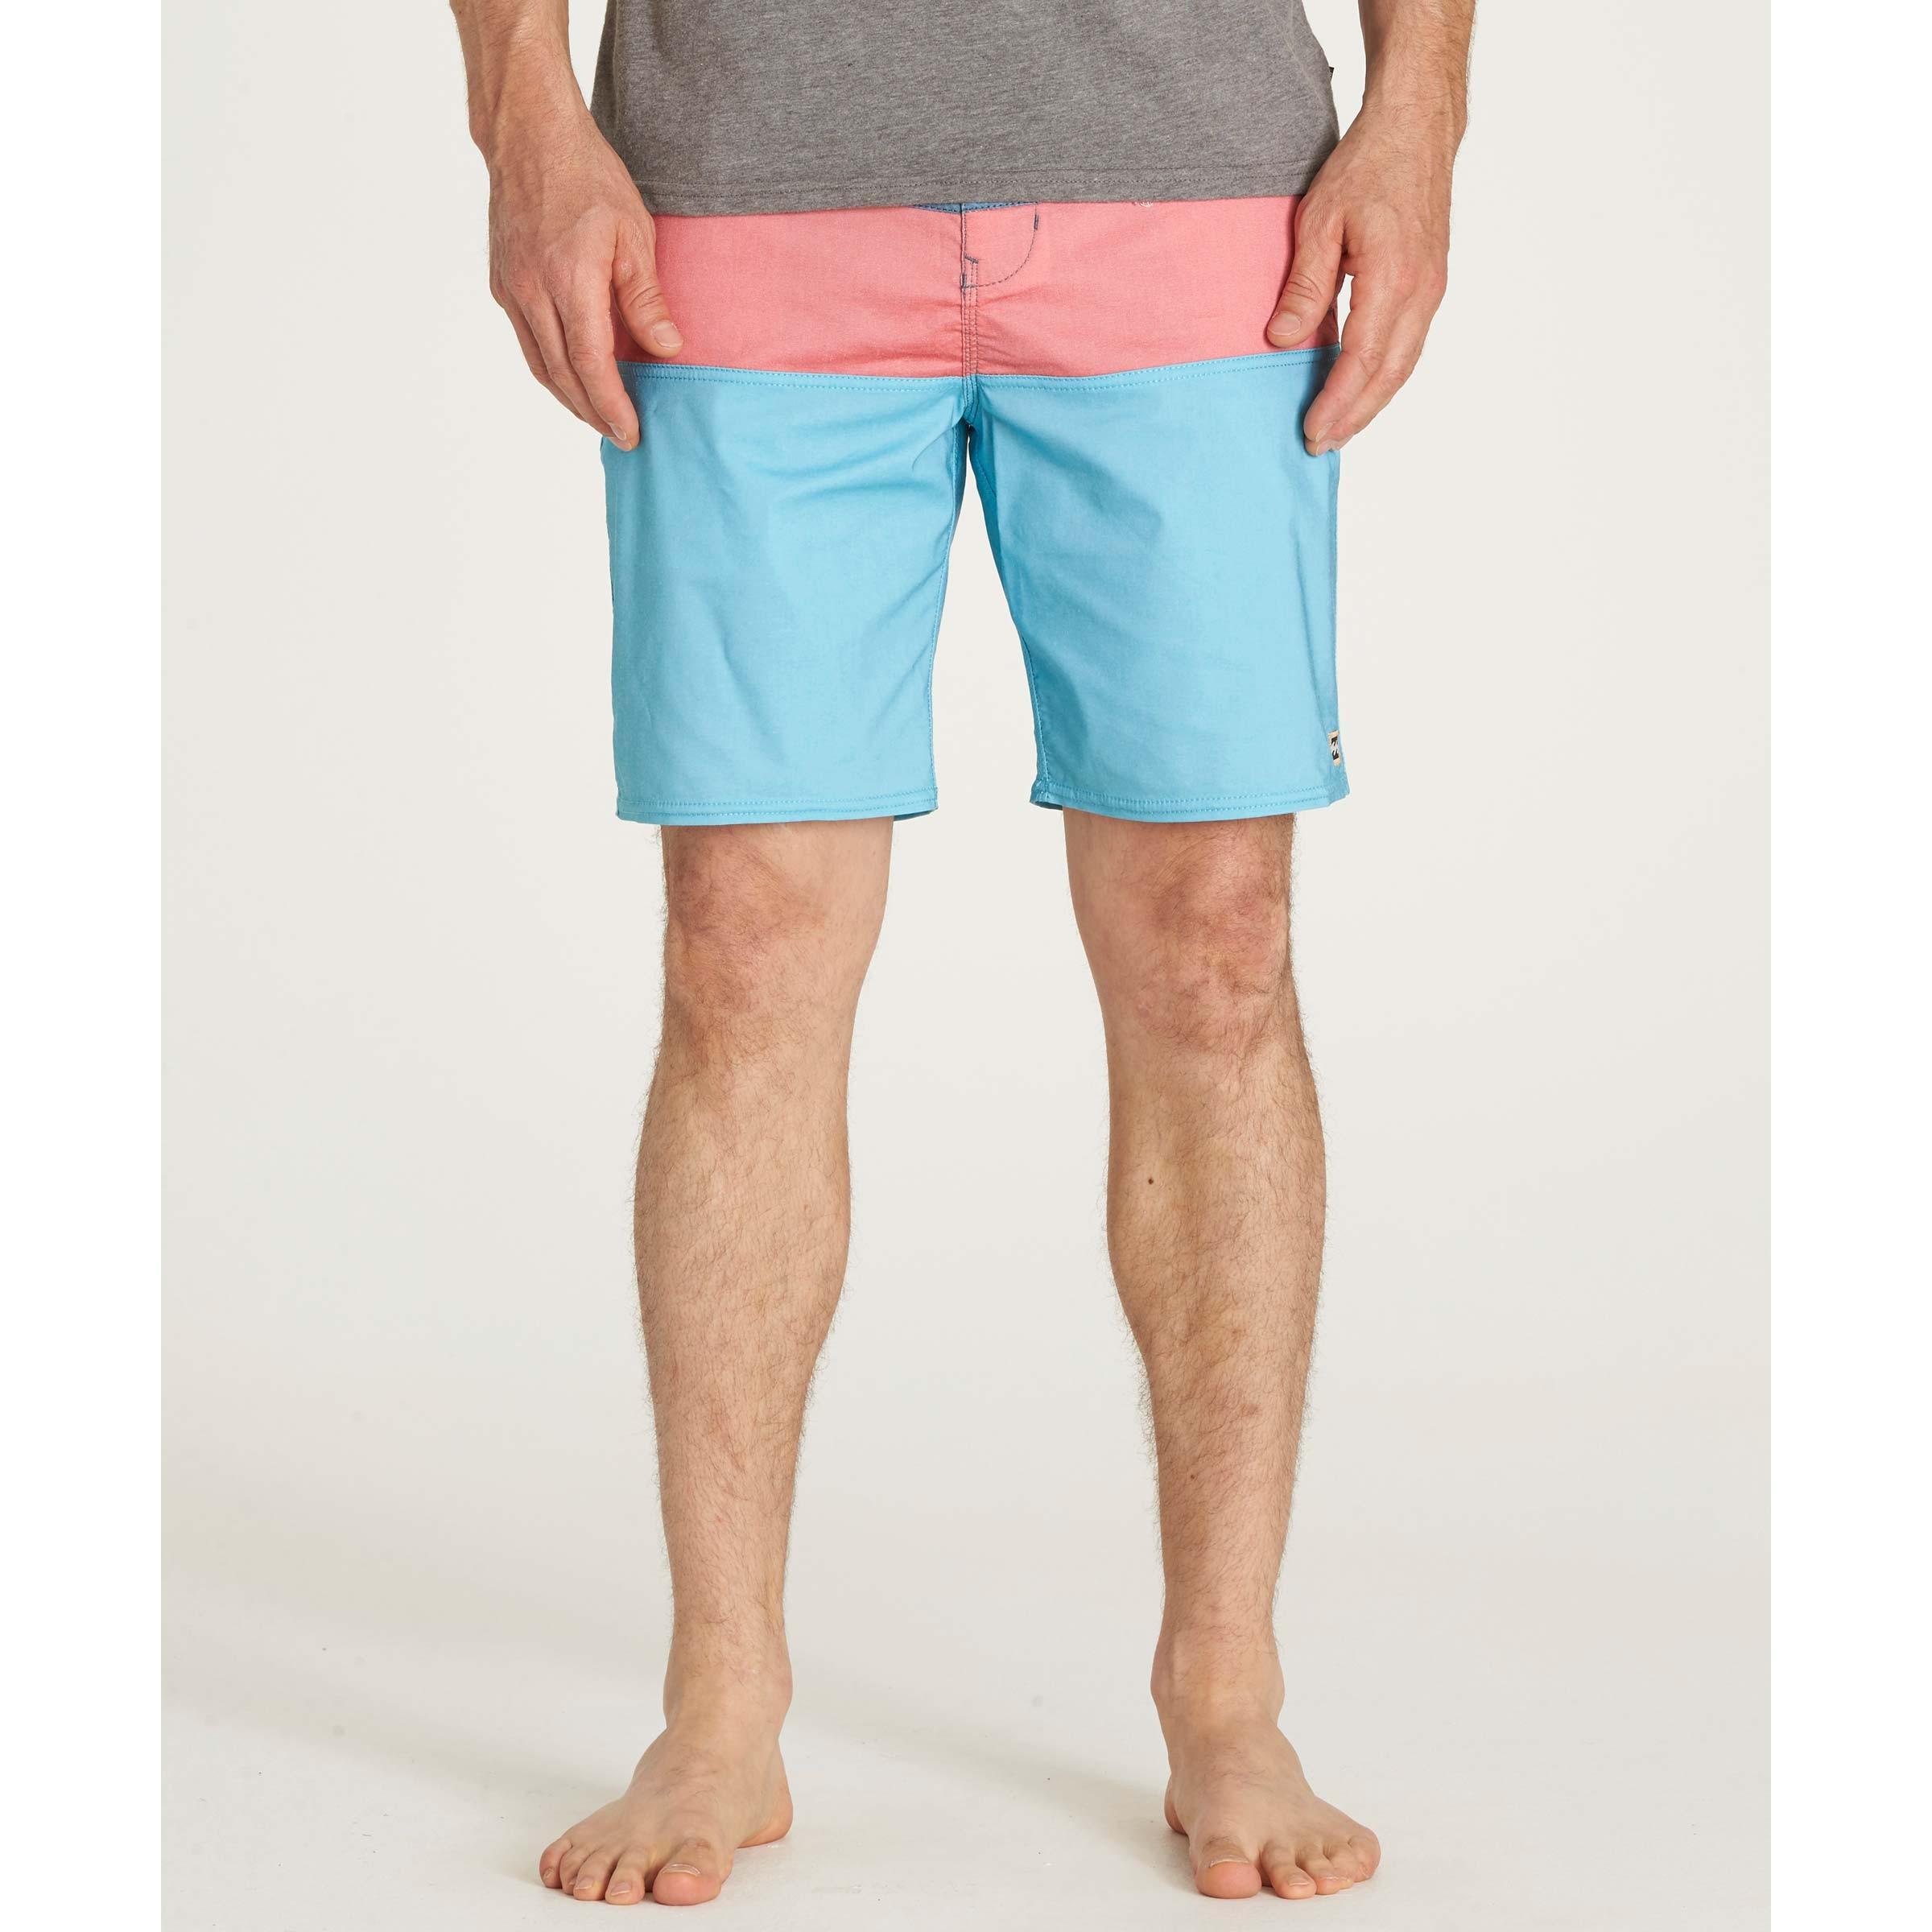 Billabong Tribong LT Lo Tides Boardshorts (Men's)